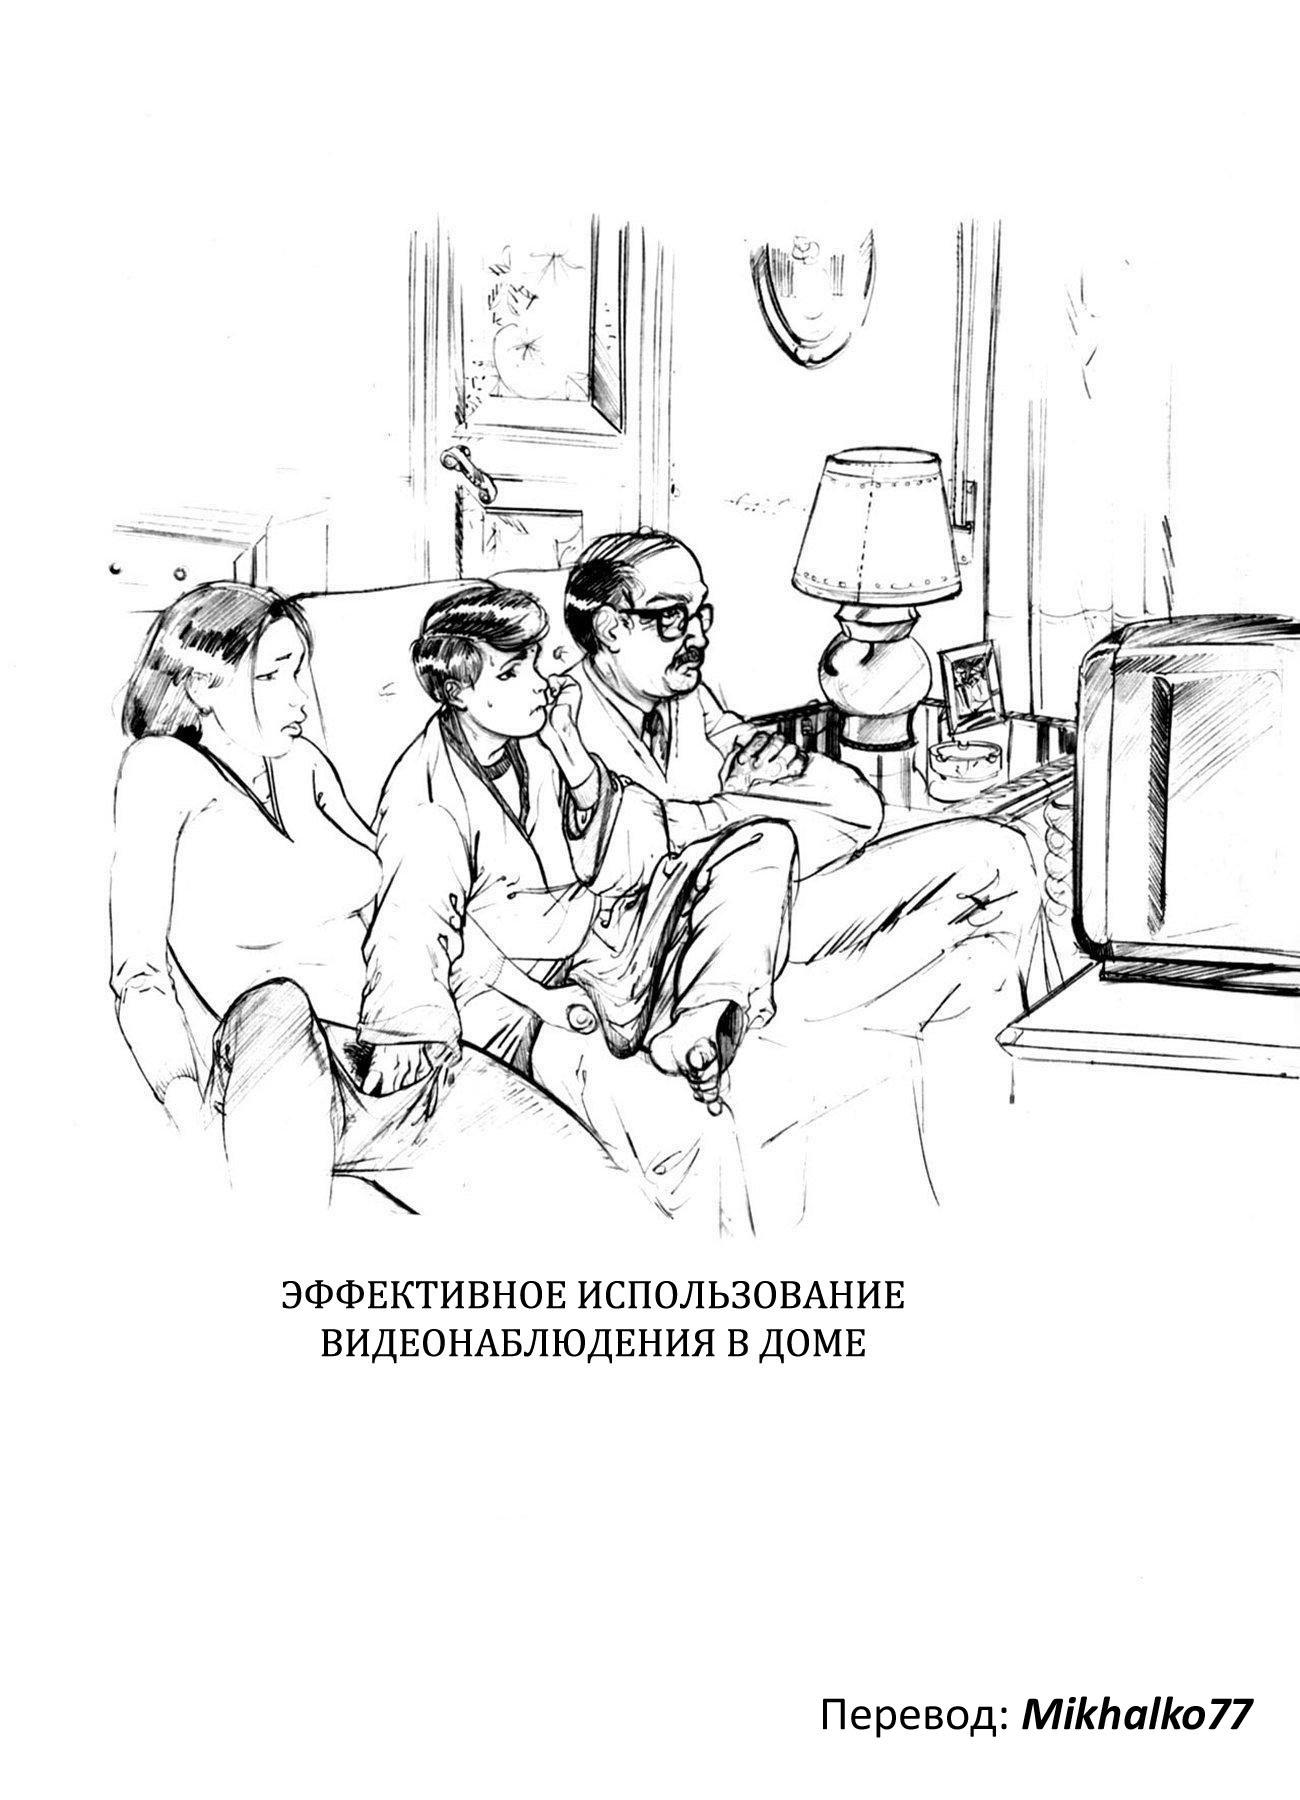 Рисованные инцест комиксы ххх 11 фотография